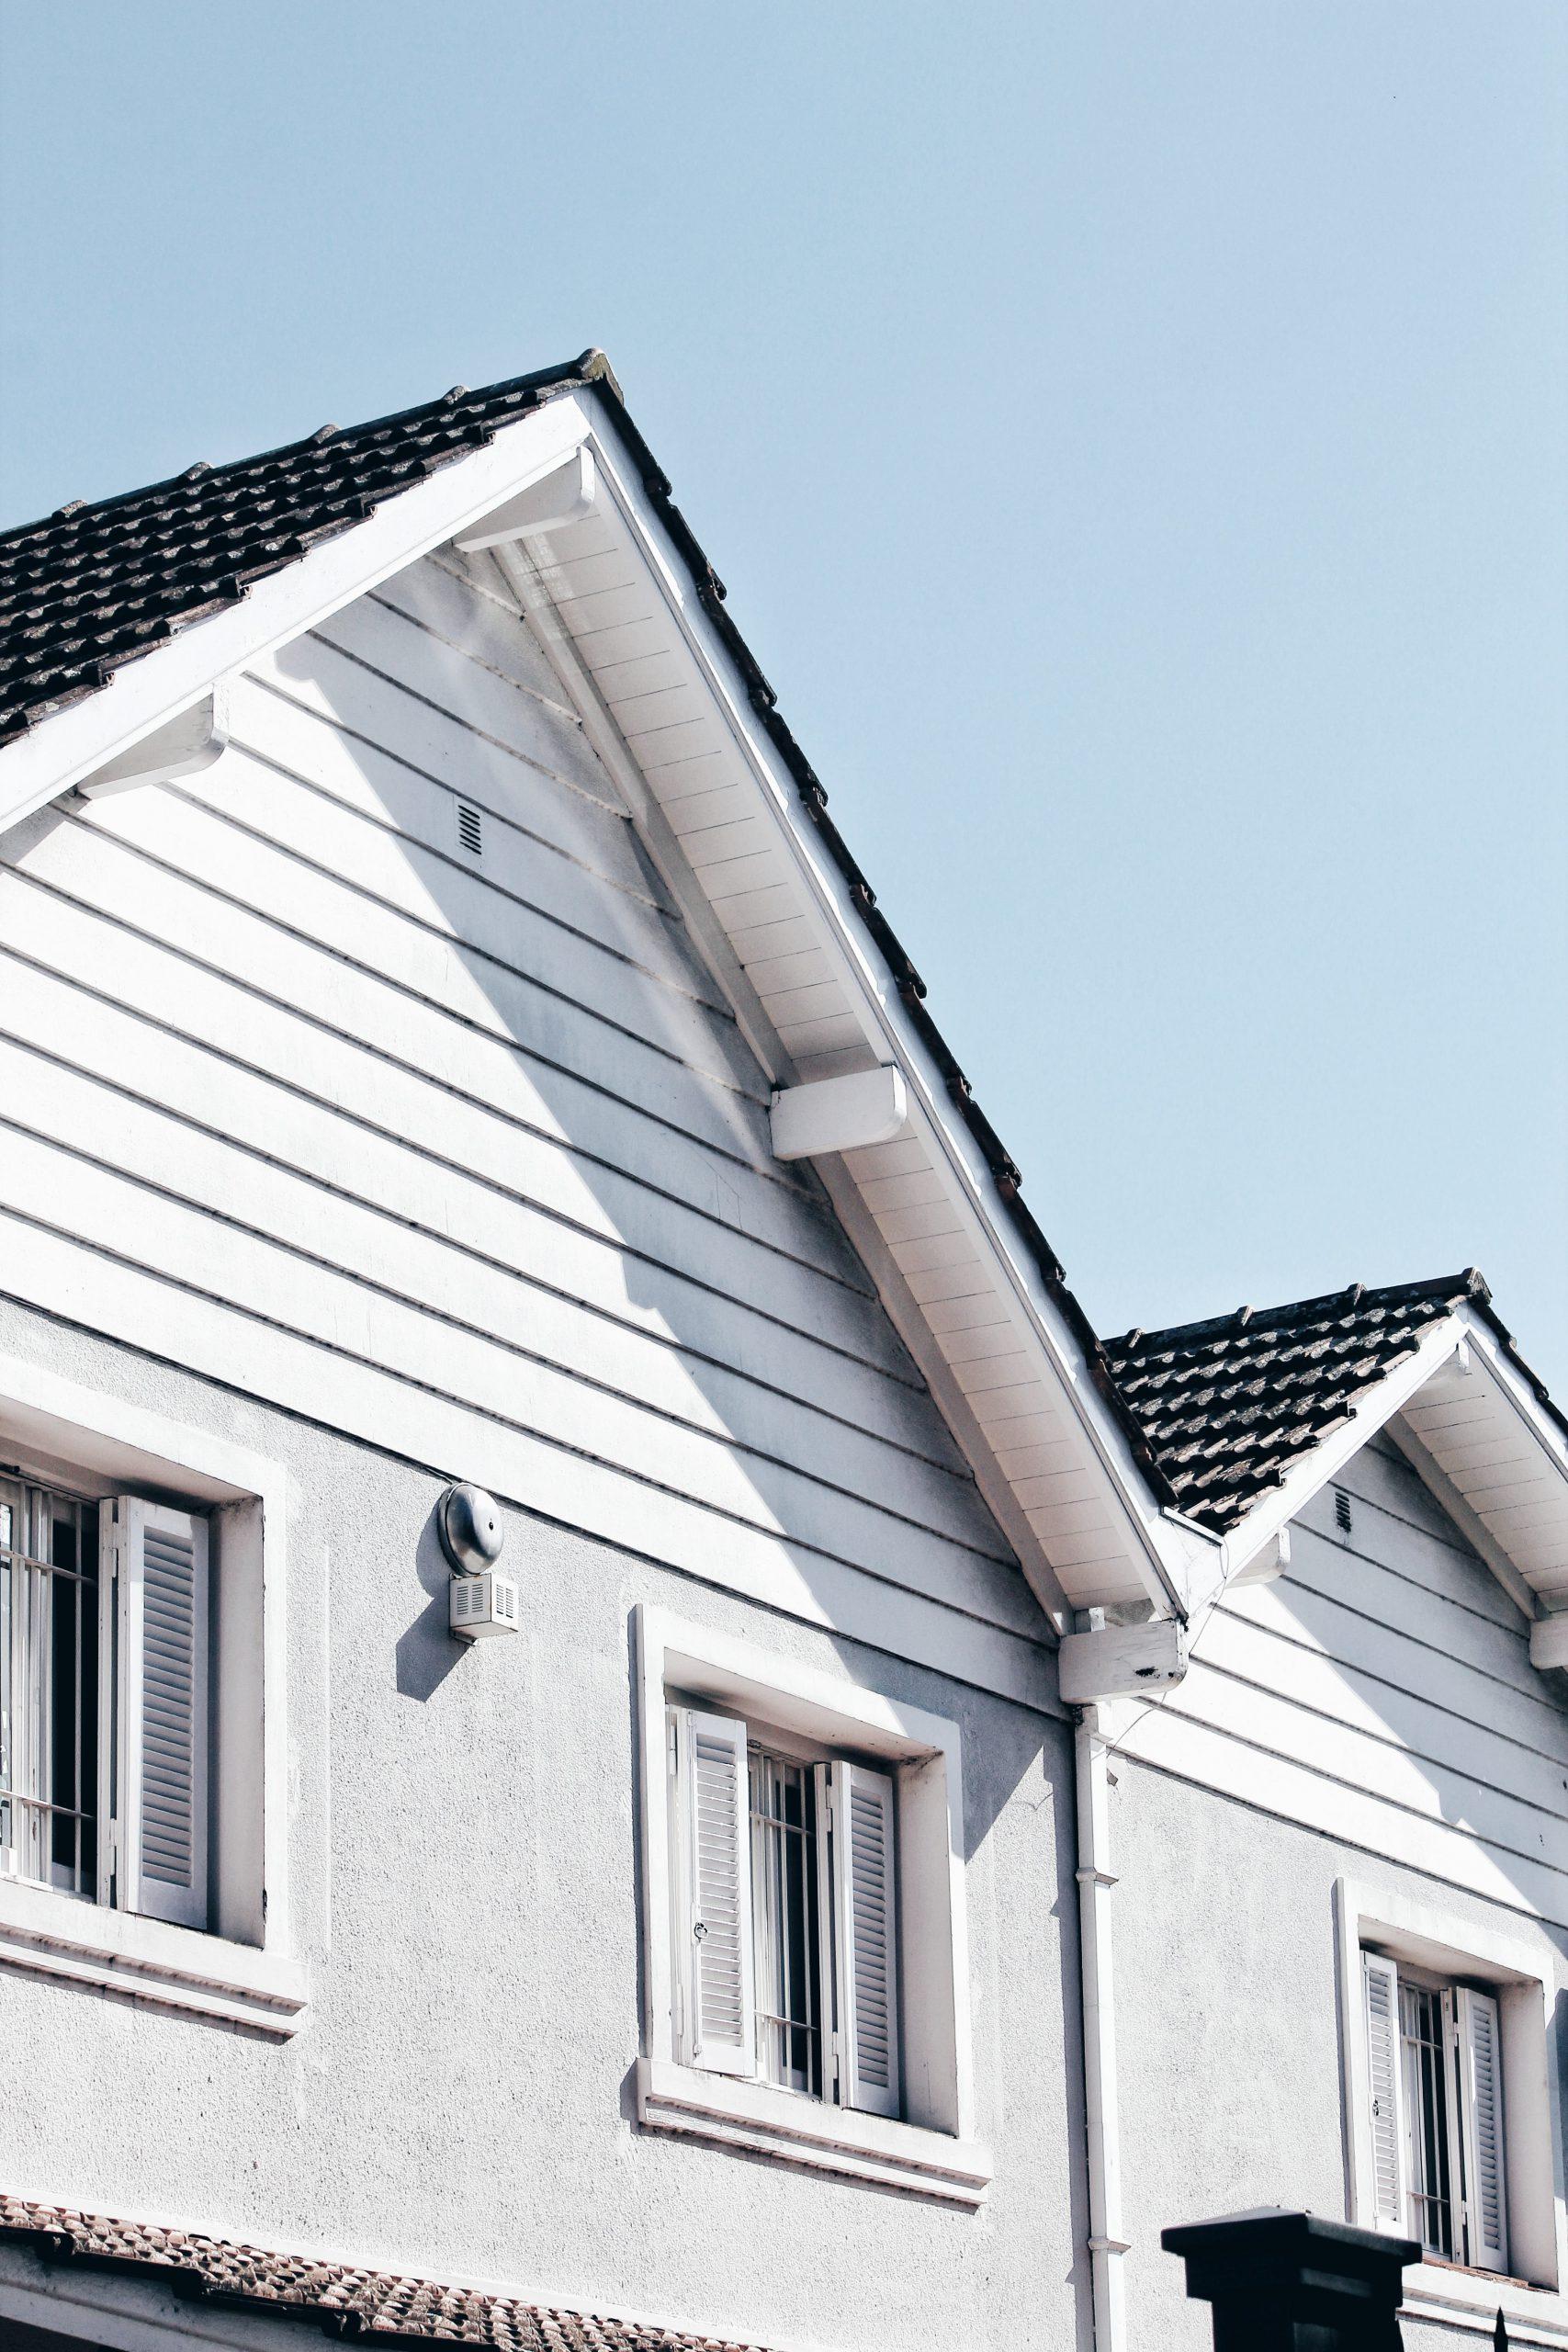 Dachowe płyty warstwowe – wszystko, co musisz o nich wiedzieć